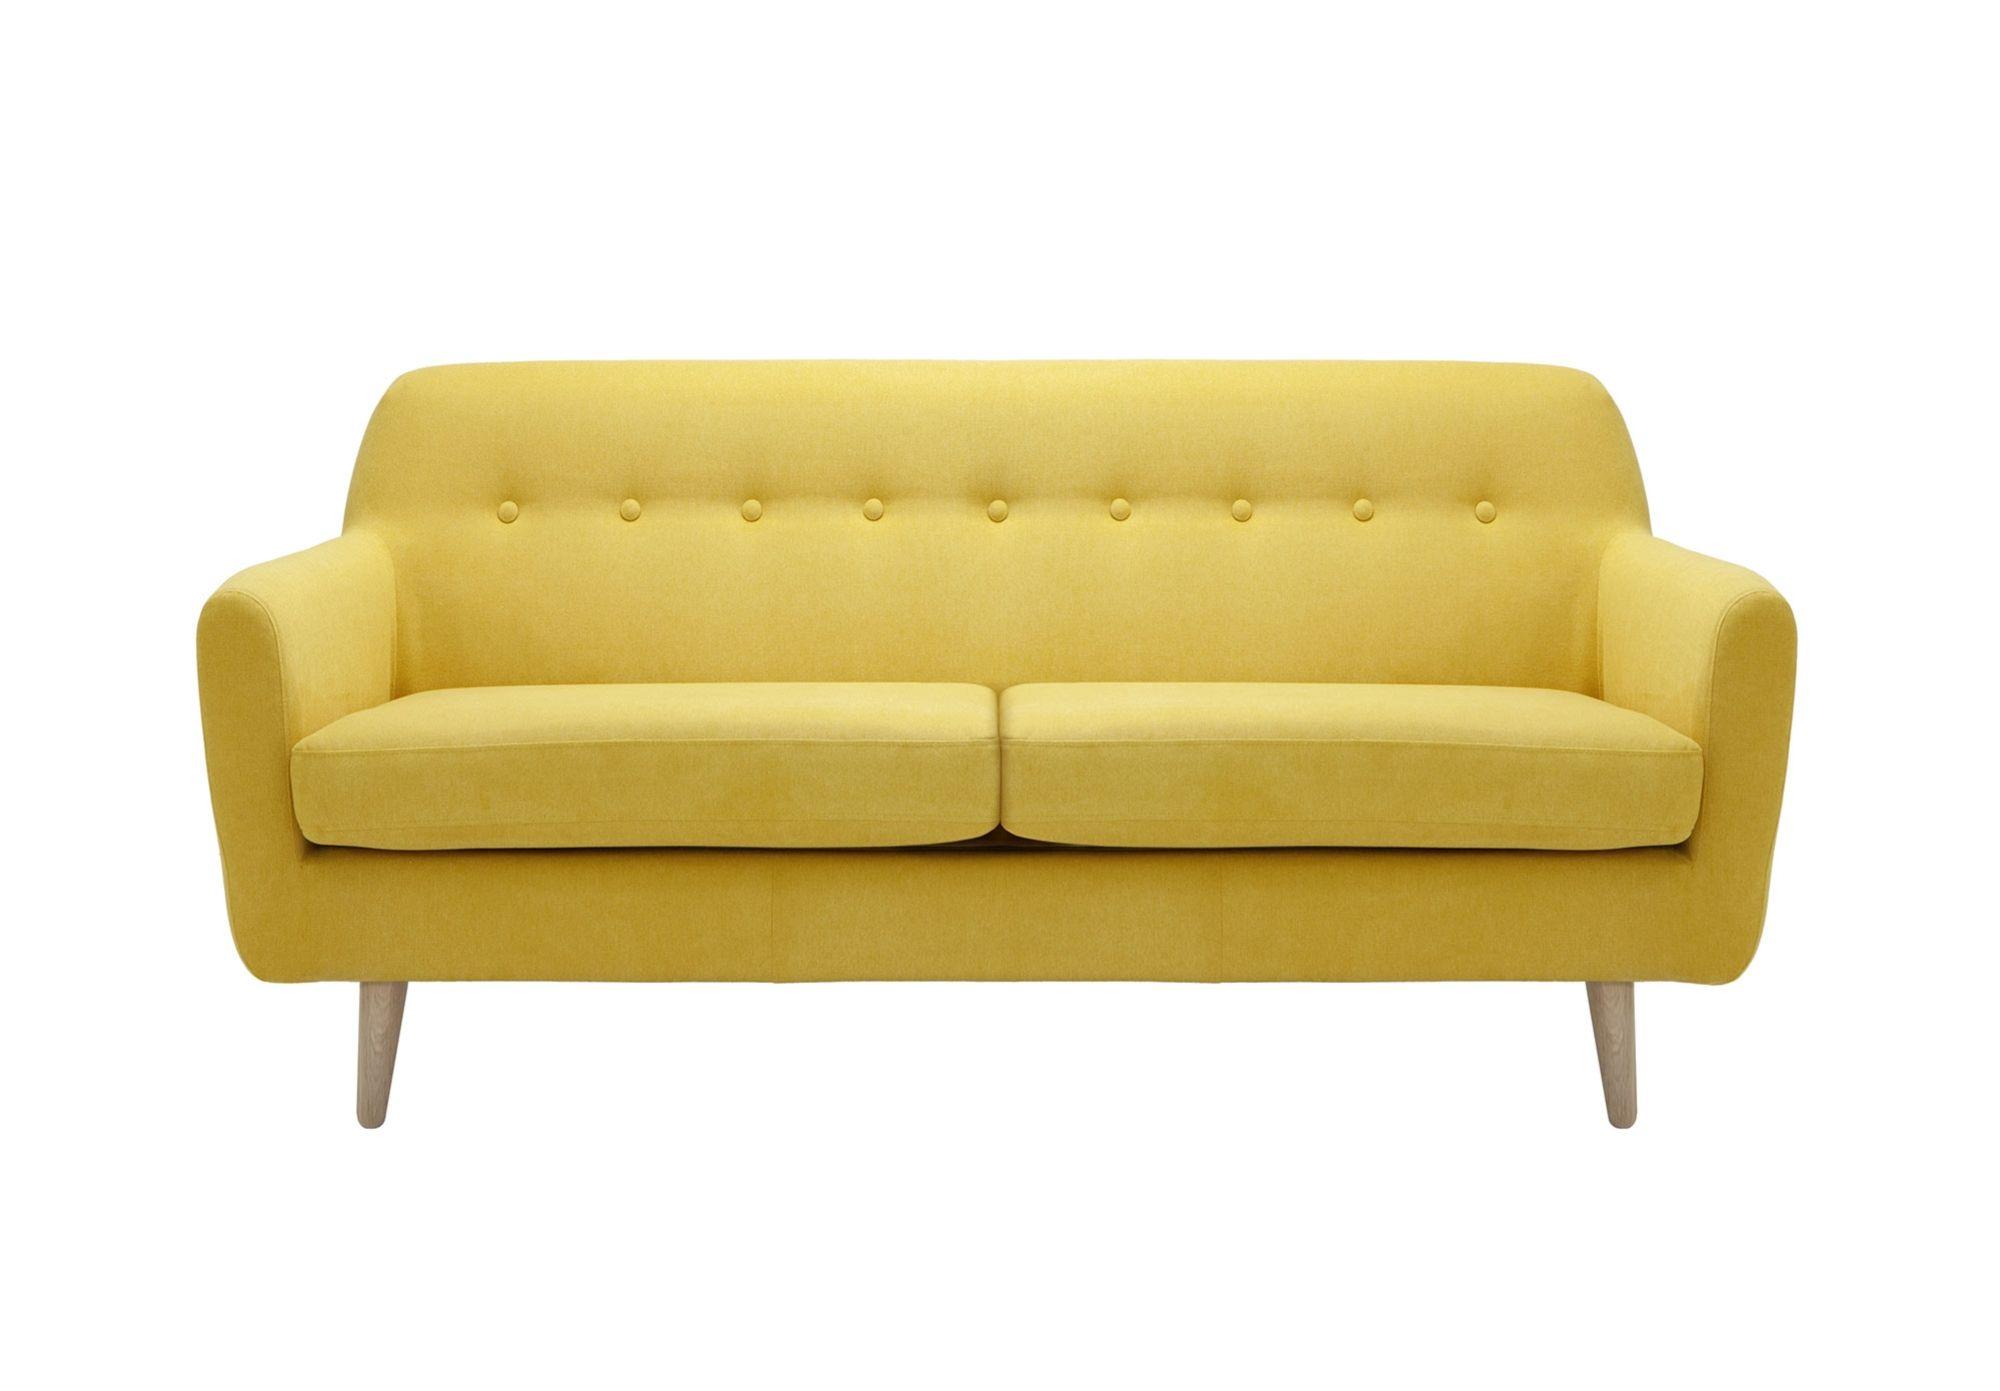 2 Seater Sofa Casper Living Room Furniture Sets Amp Ideas Furniture Village Fabric Sofa Seater Sofa Sofa